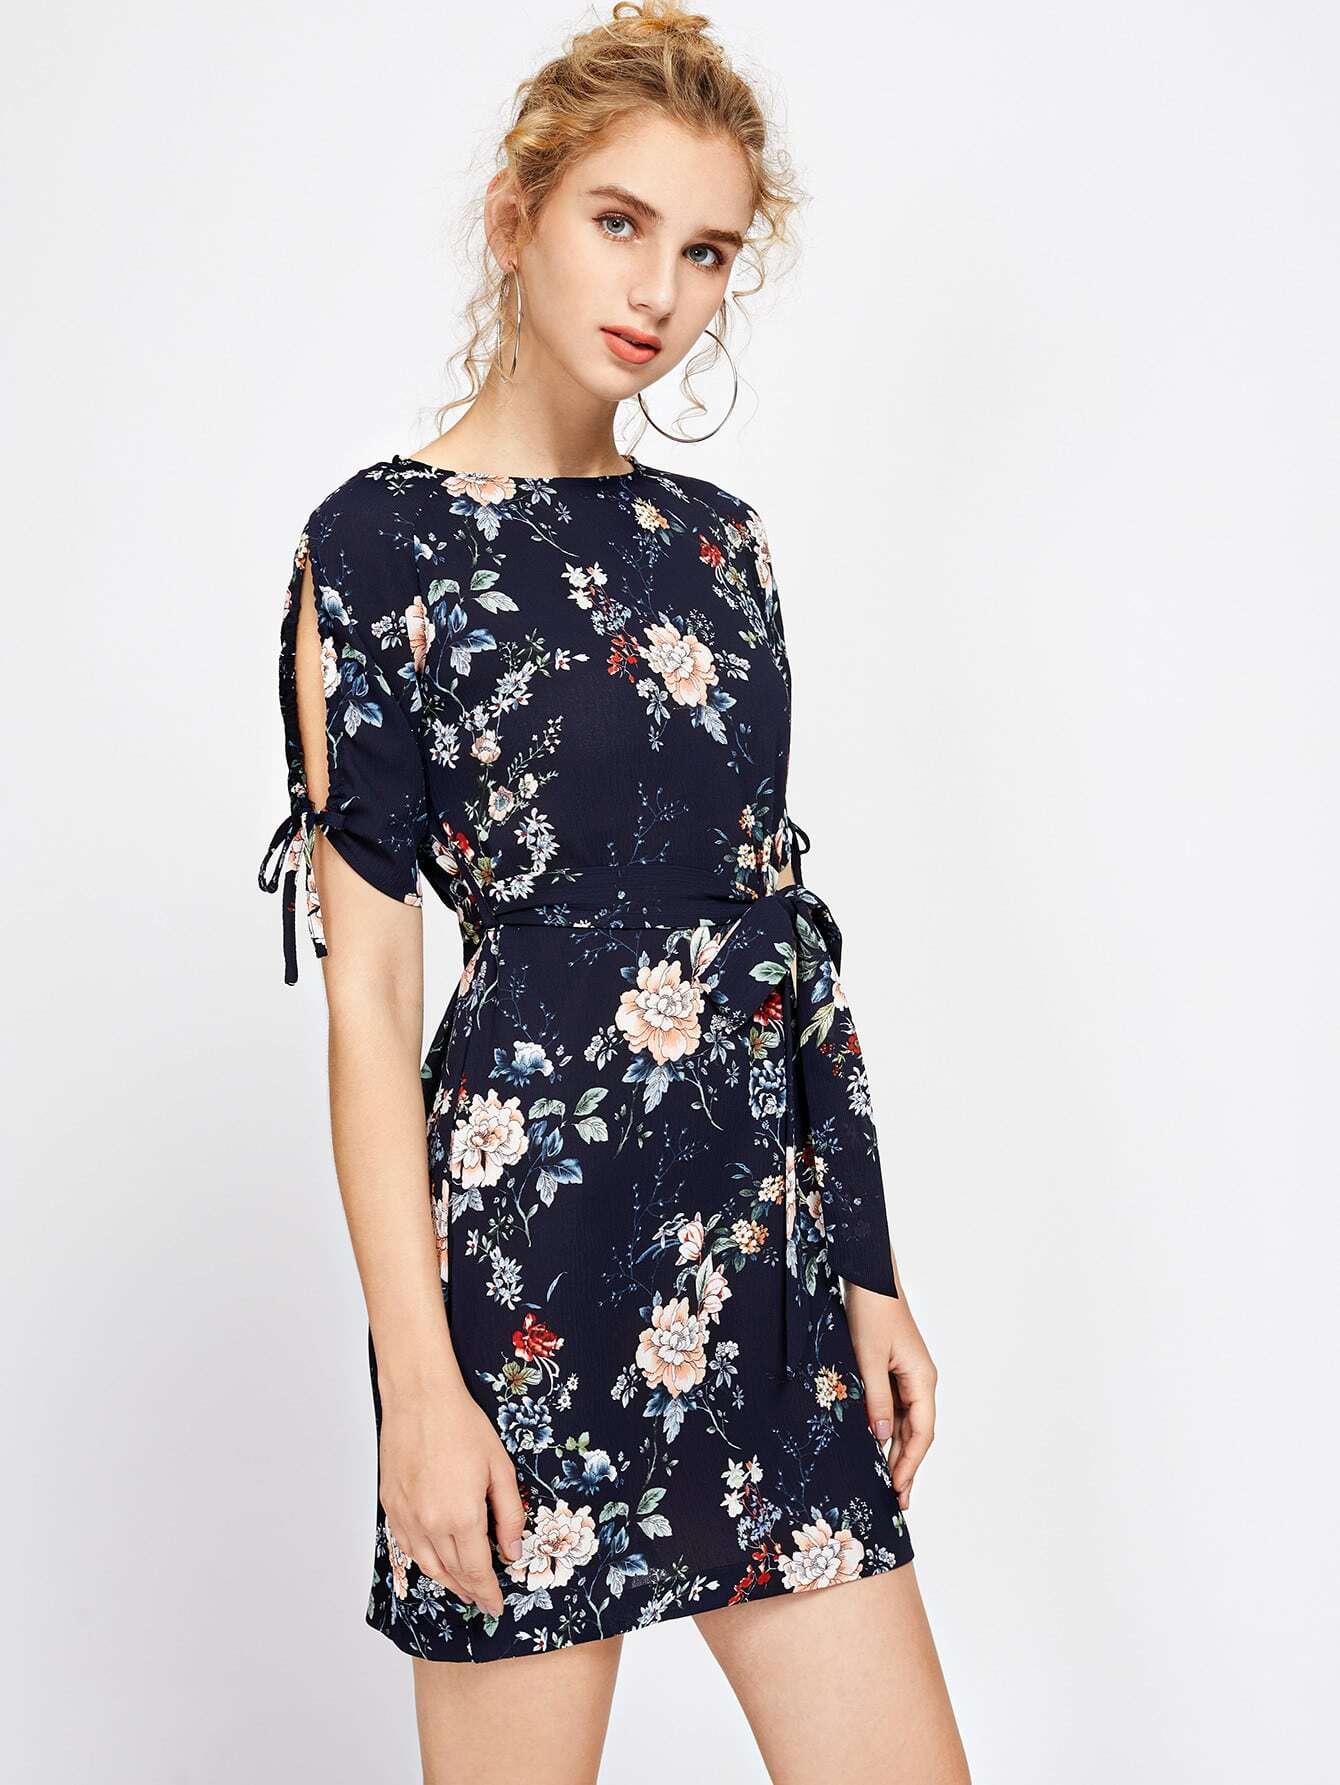 Floral Print Tie Sleeve Dress With Self Tie